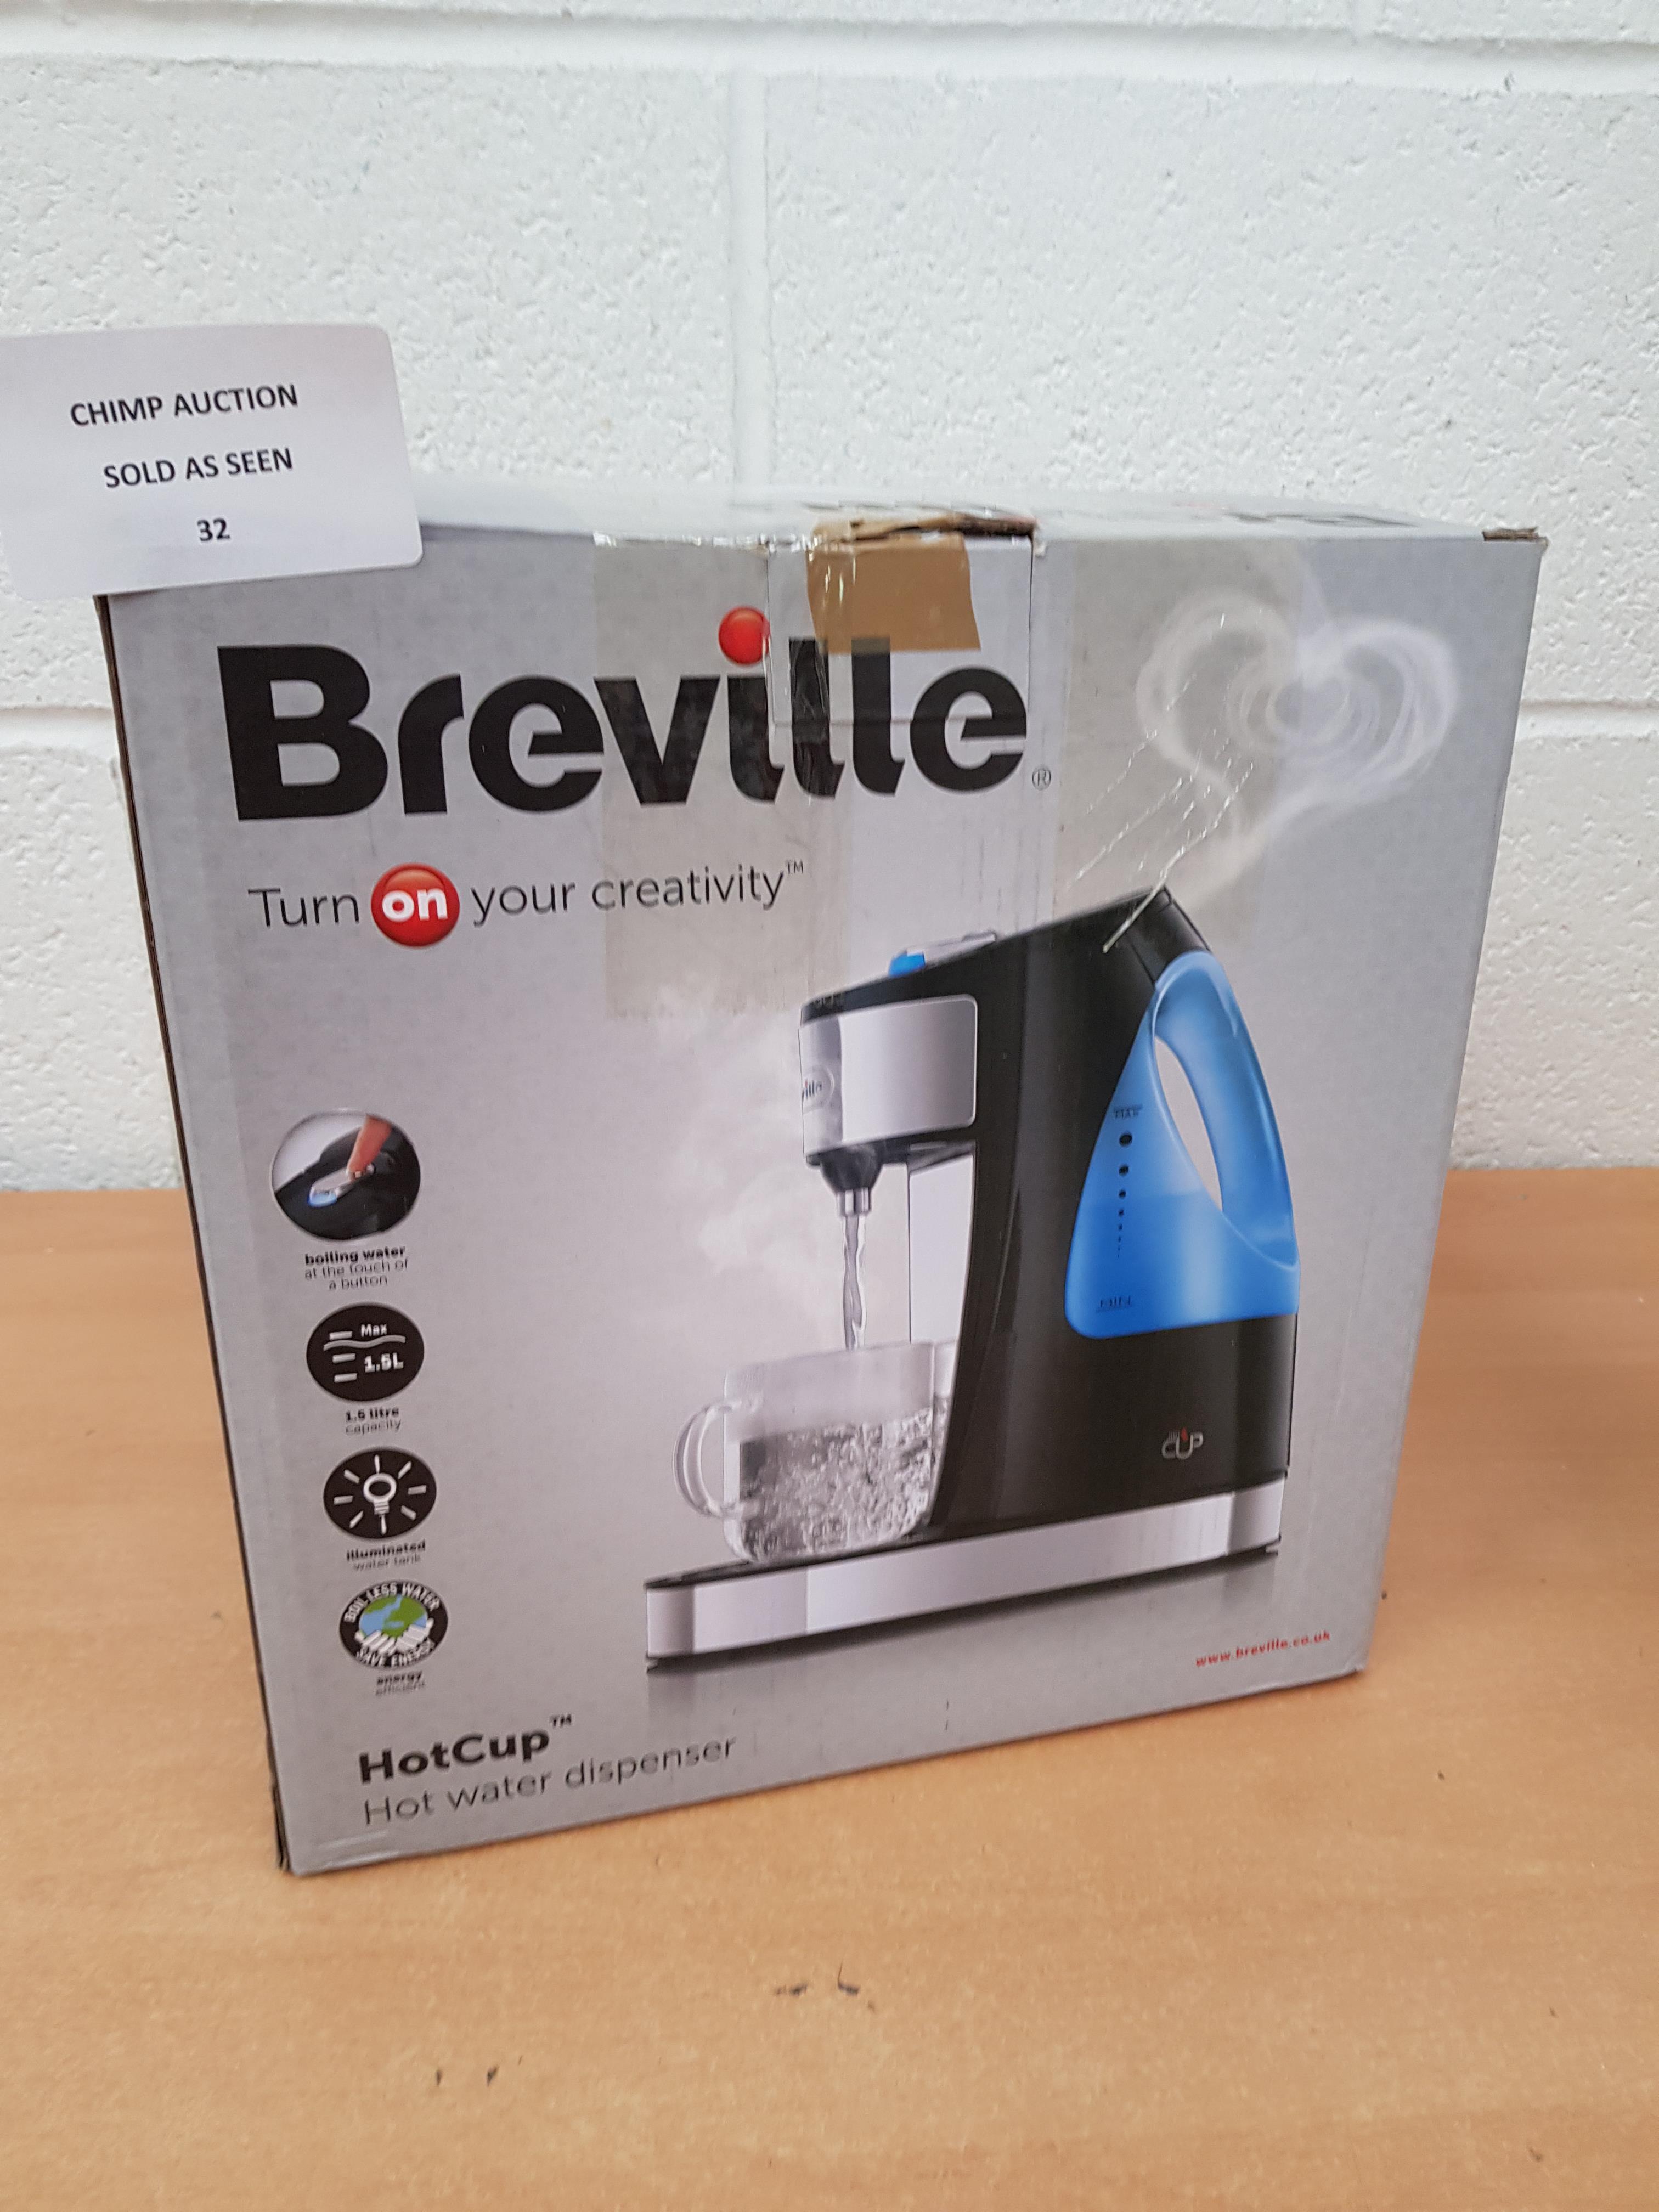 Lot 32 - Breville HotCup hot water Dispenser